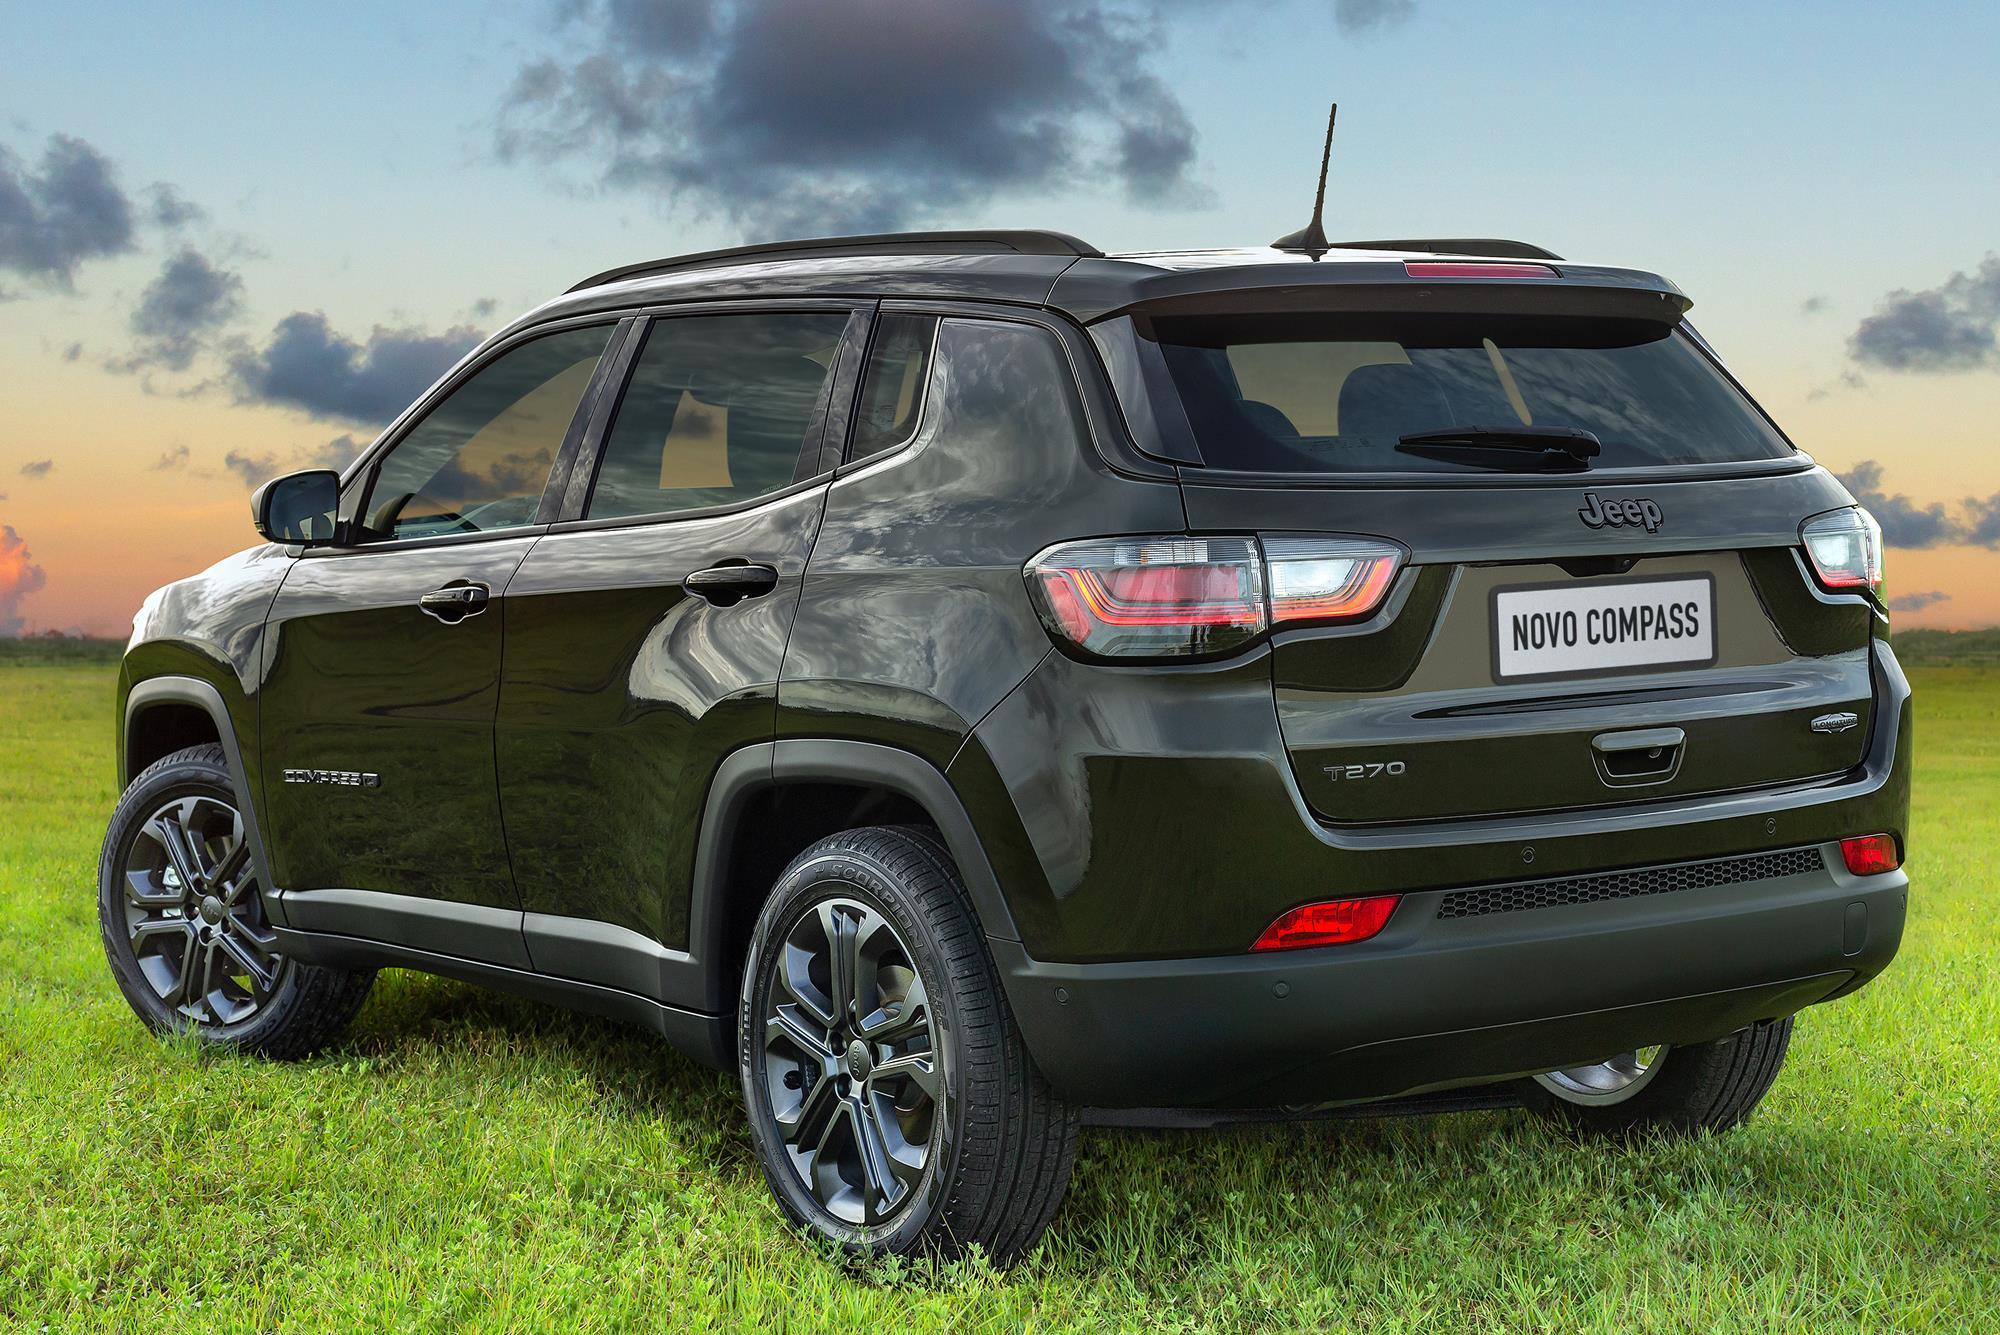 traseira do Jeep Compass 2022 80 anos